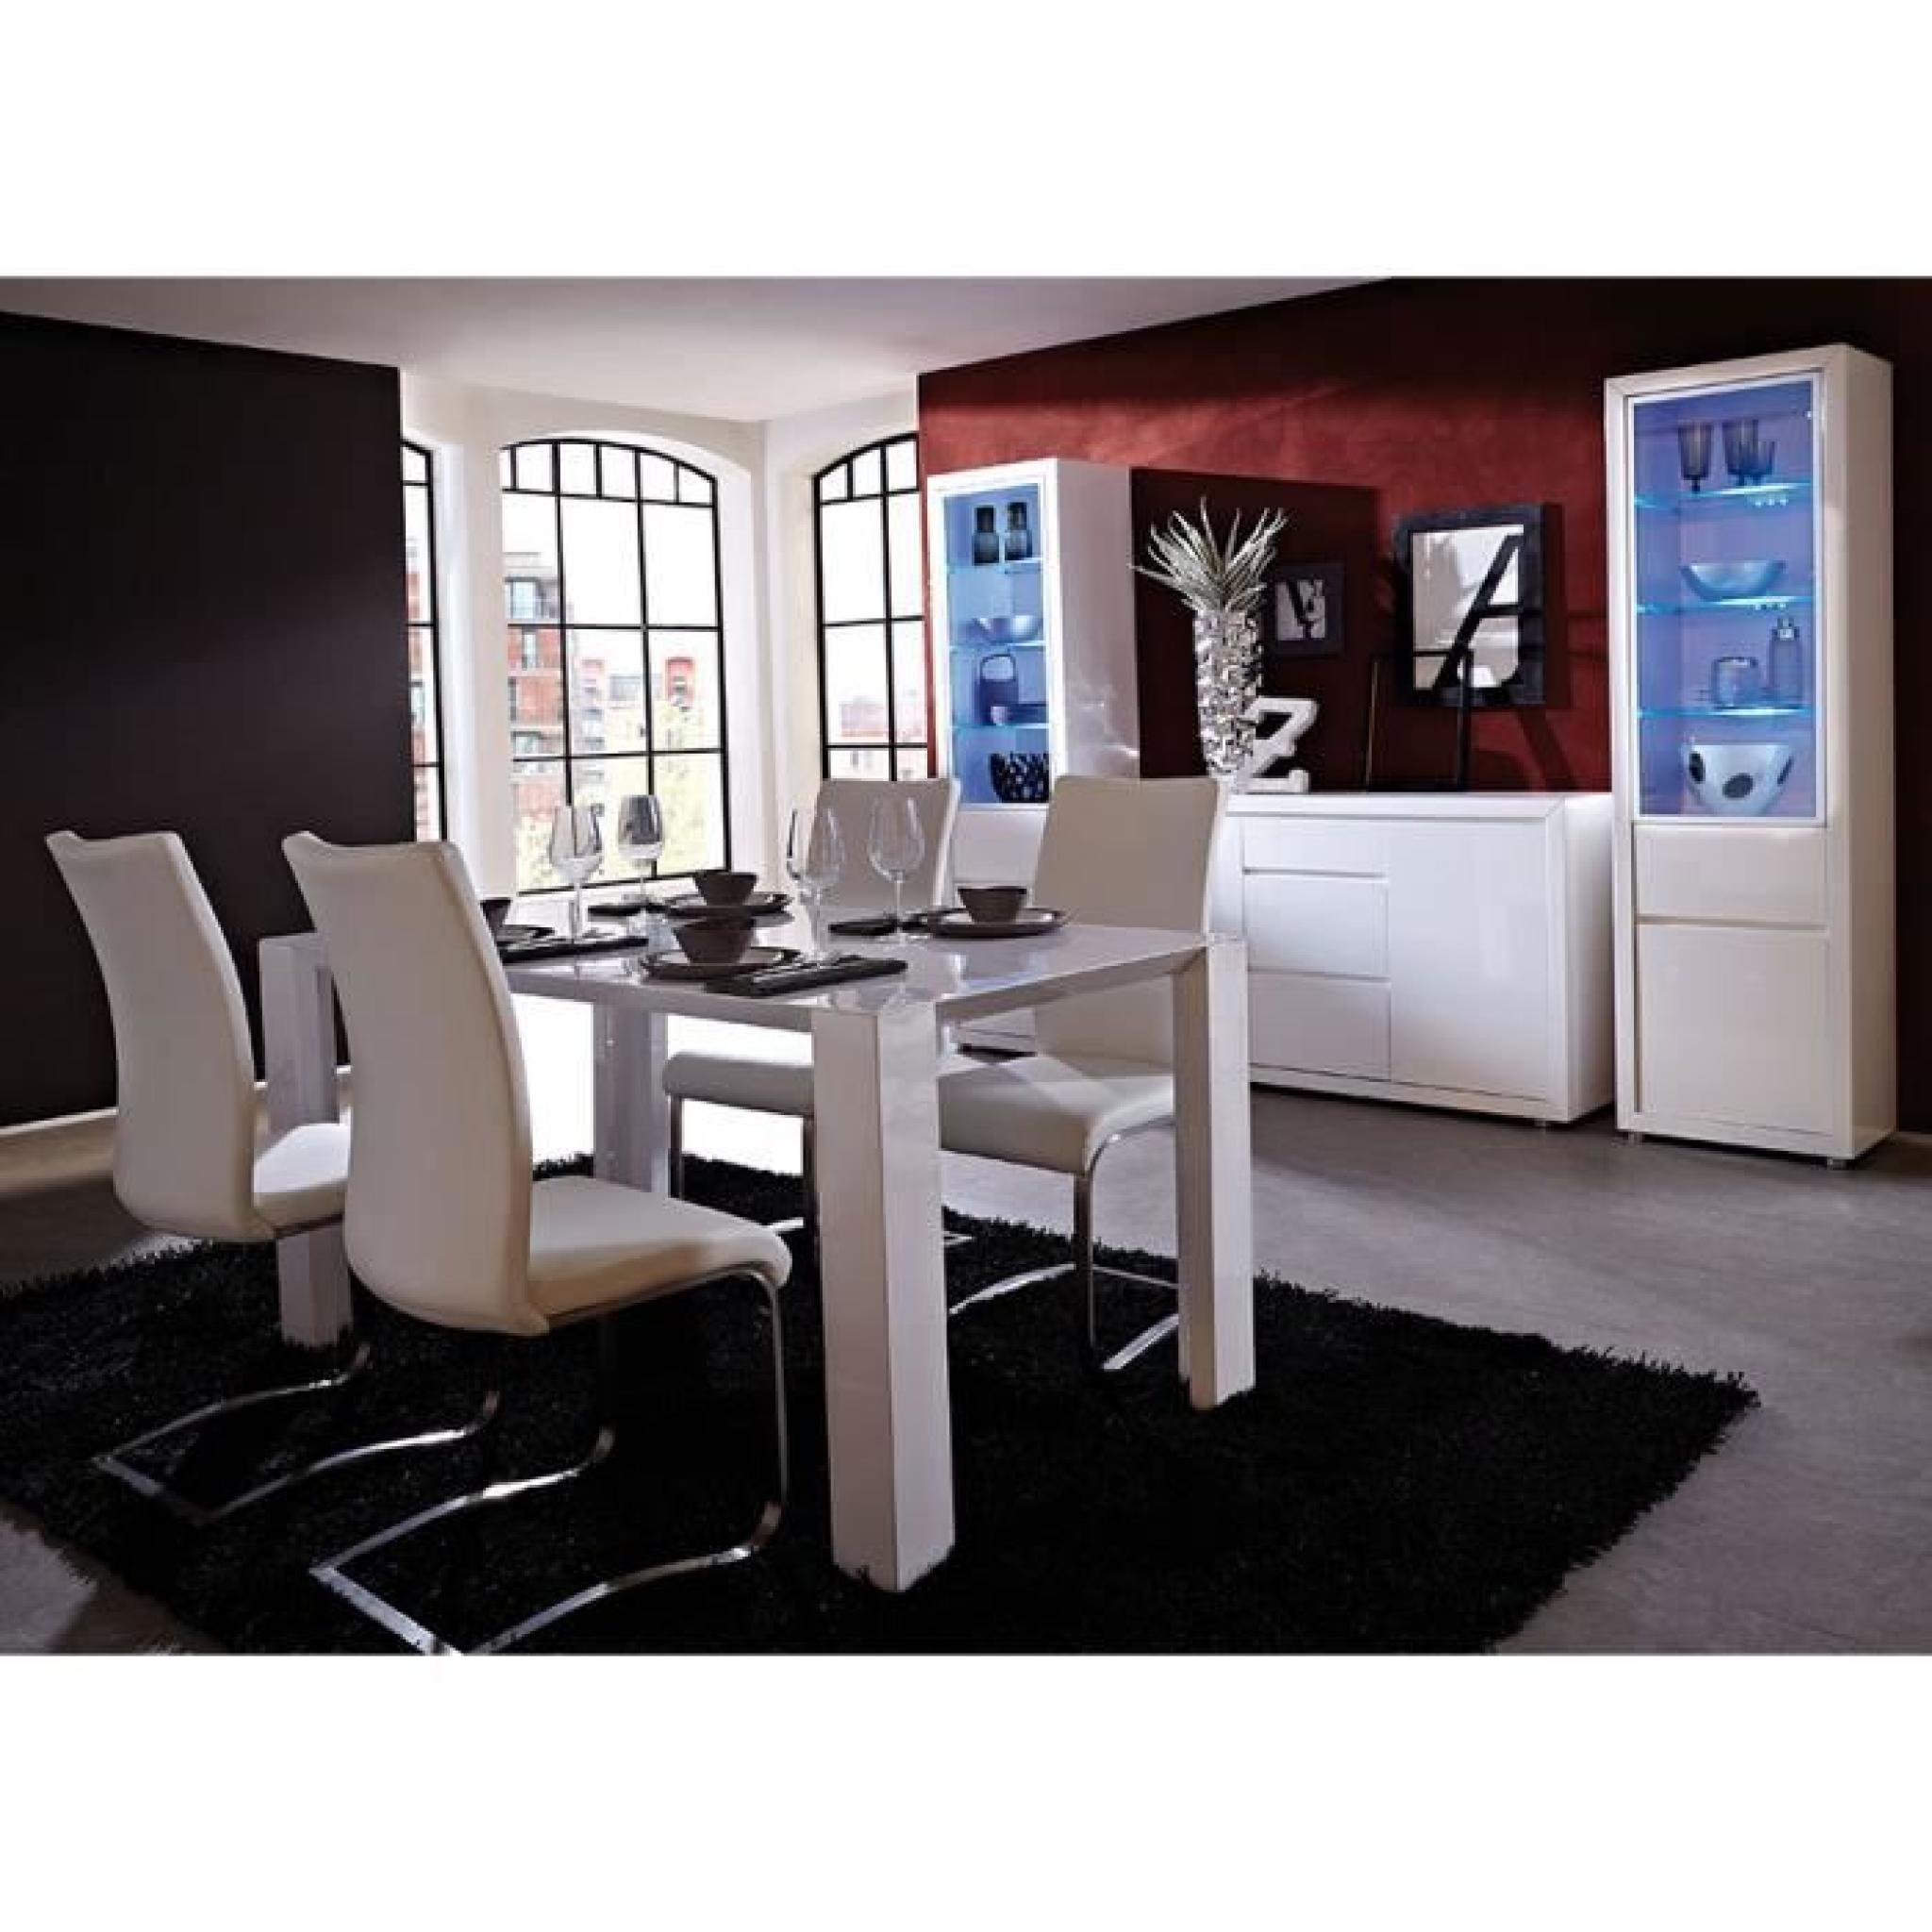 Salle A Manger Complete Blanc Laque Design Aristo Table 160 Cm Buffet 3 Portes Sans Led